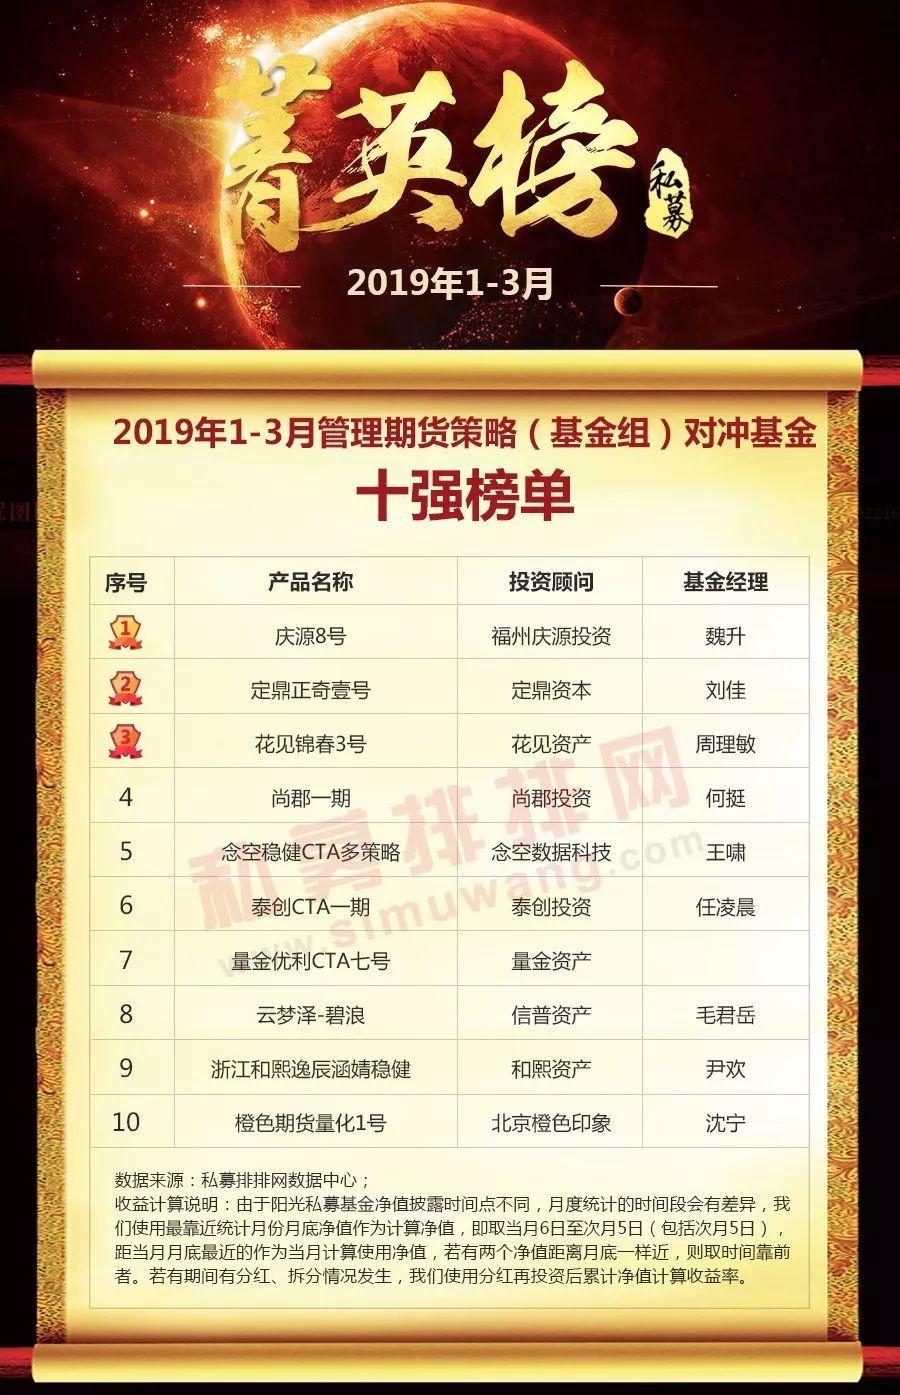 2019策略排行_中国私募基金风云榜2019年1-2月各策略私募基金收益排行榜